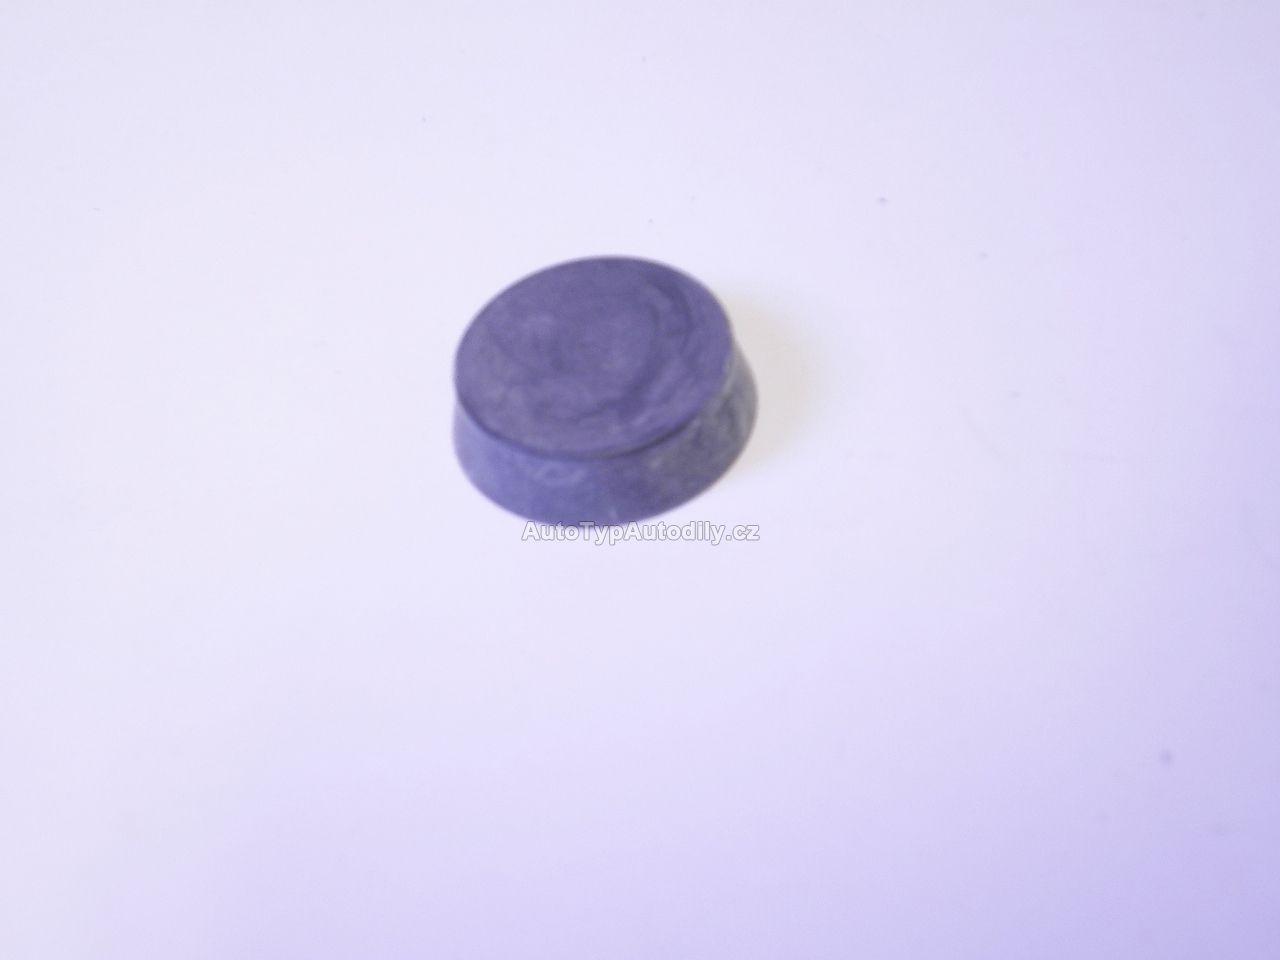 Gumička brzdového válečku ŠKODA 1203 předního 25,5mm : 105-595420 CZ